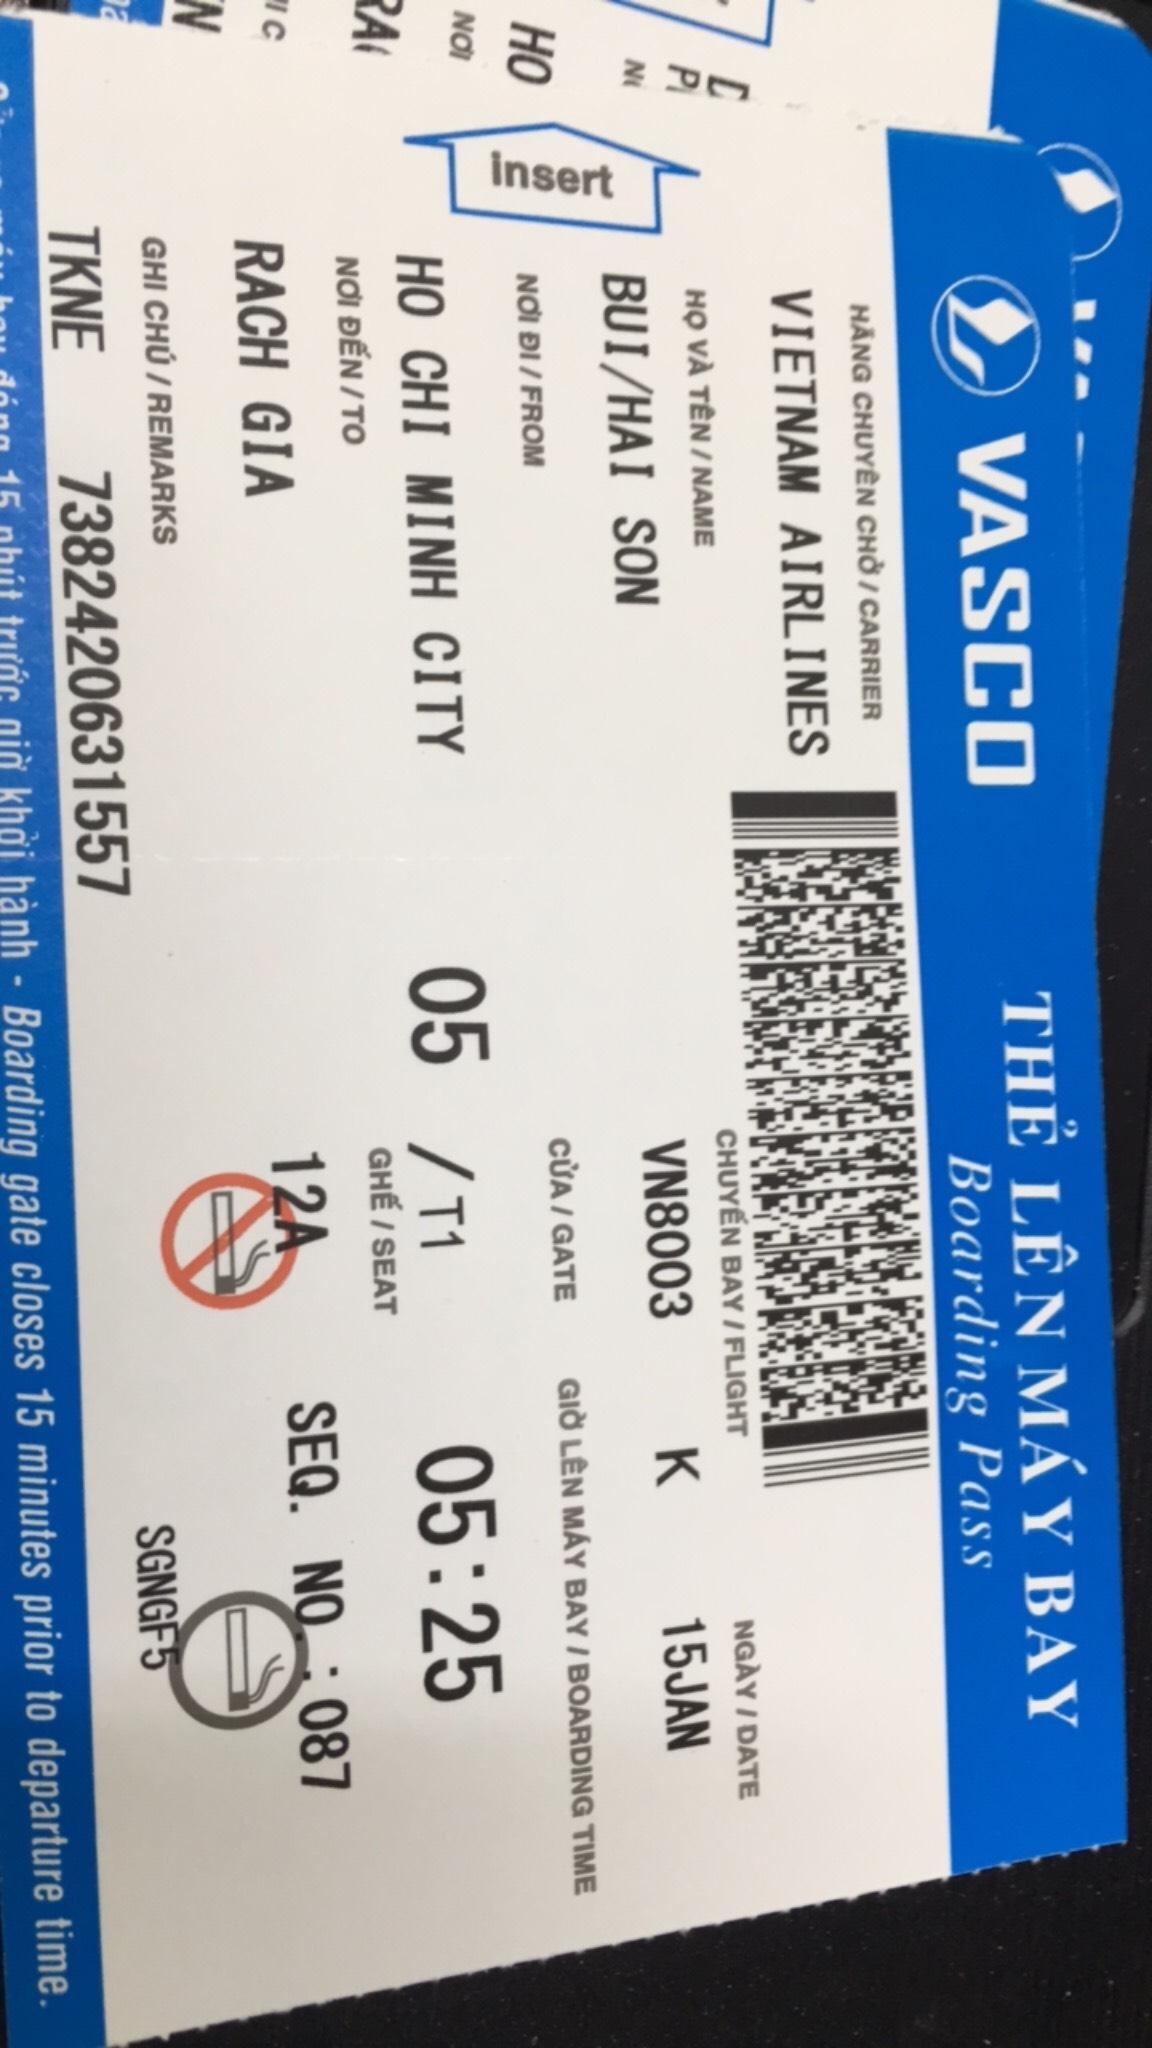 Bán cuống vé máy bay,boarding pass các hãng hàng không trong và ngoài nước